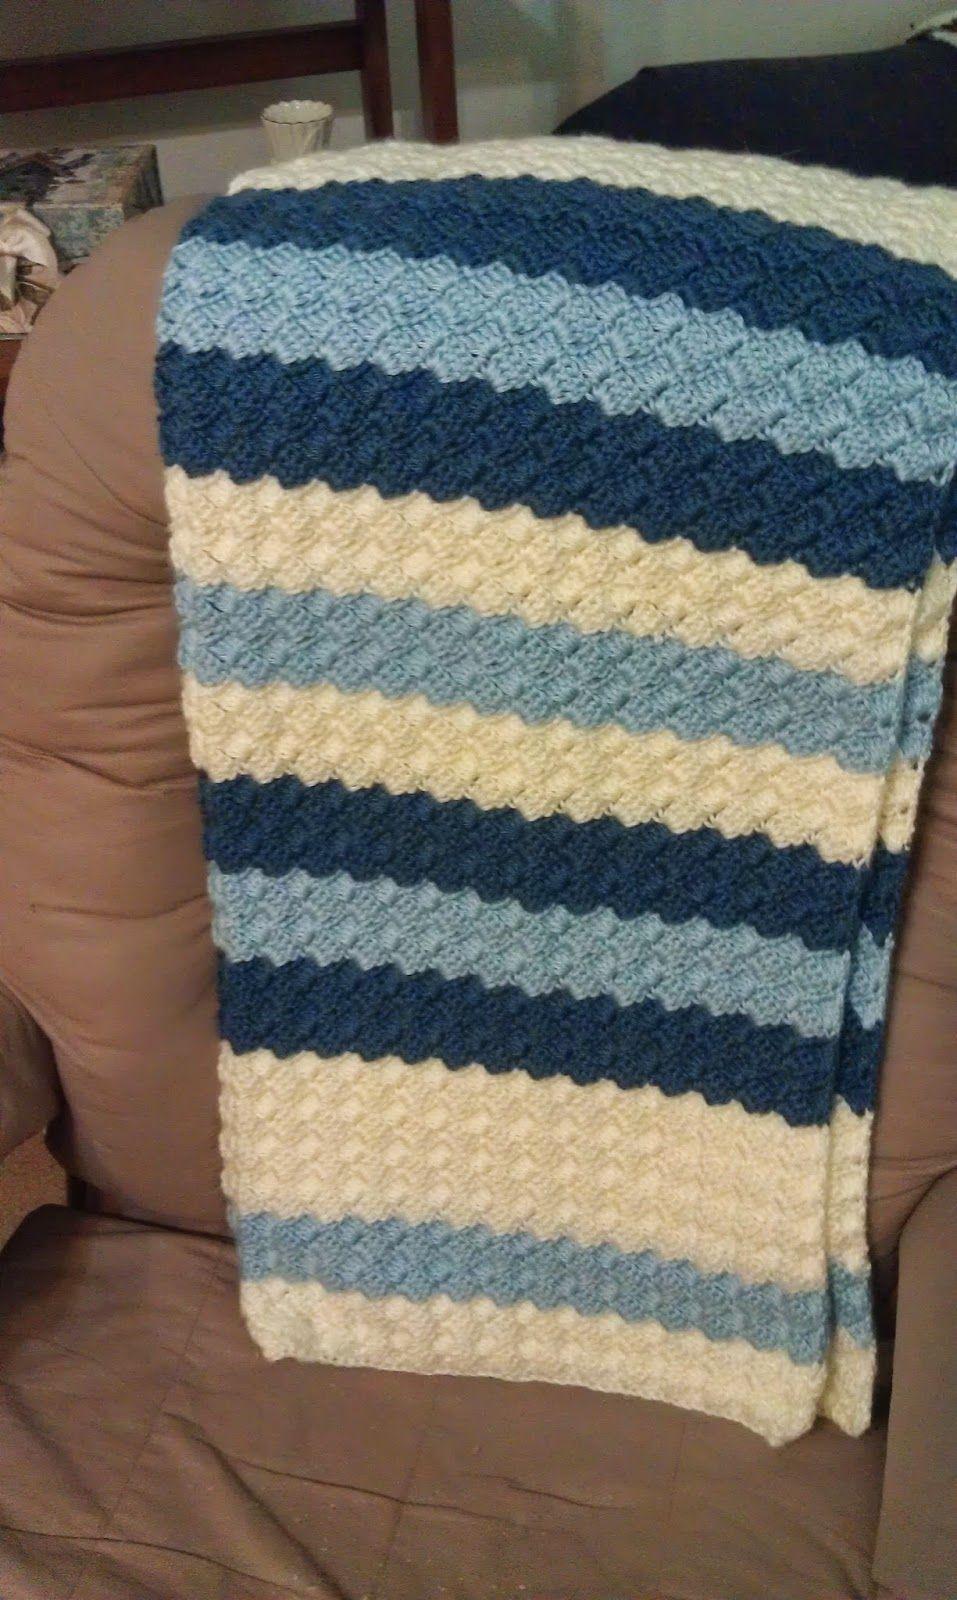 Blue Crochet Baby Blanket My New Favorite Pattern